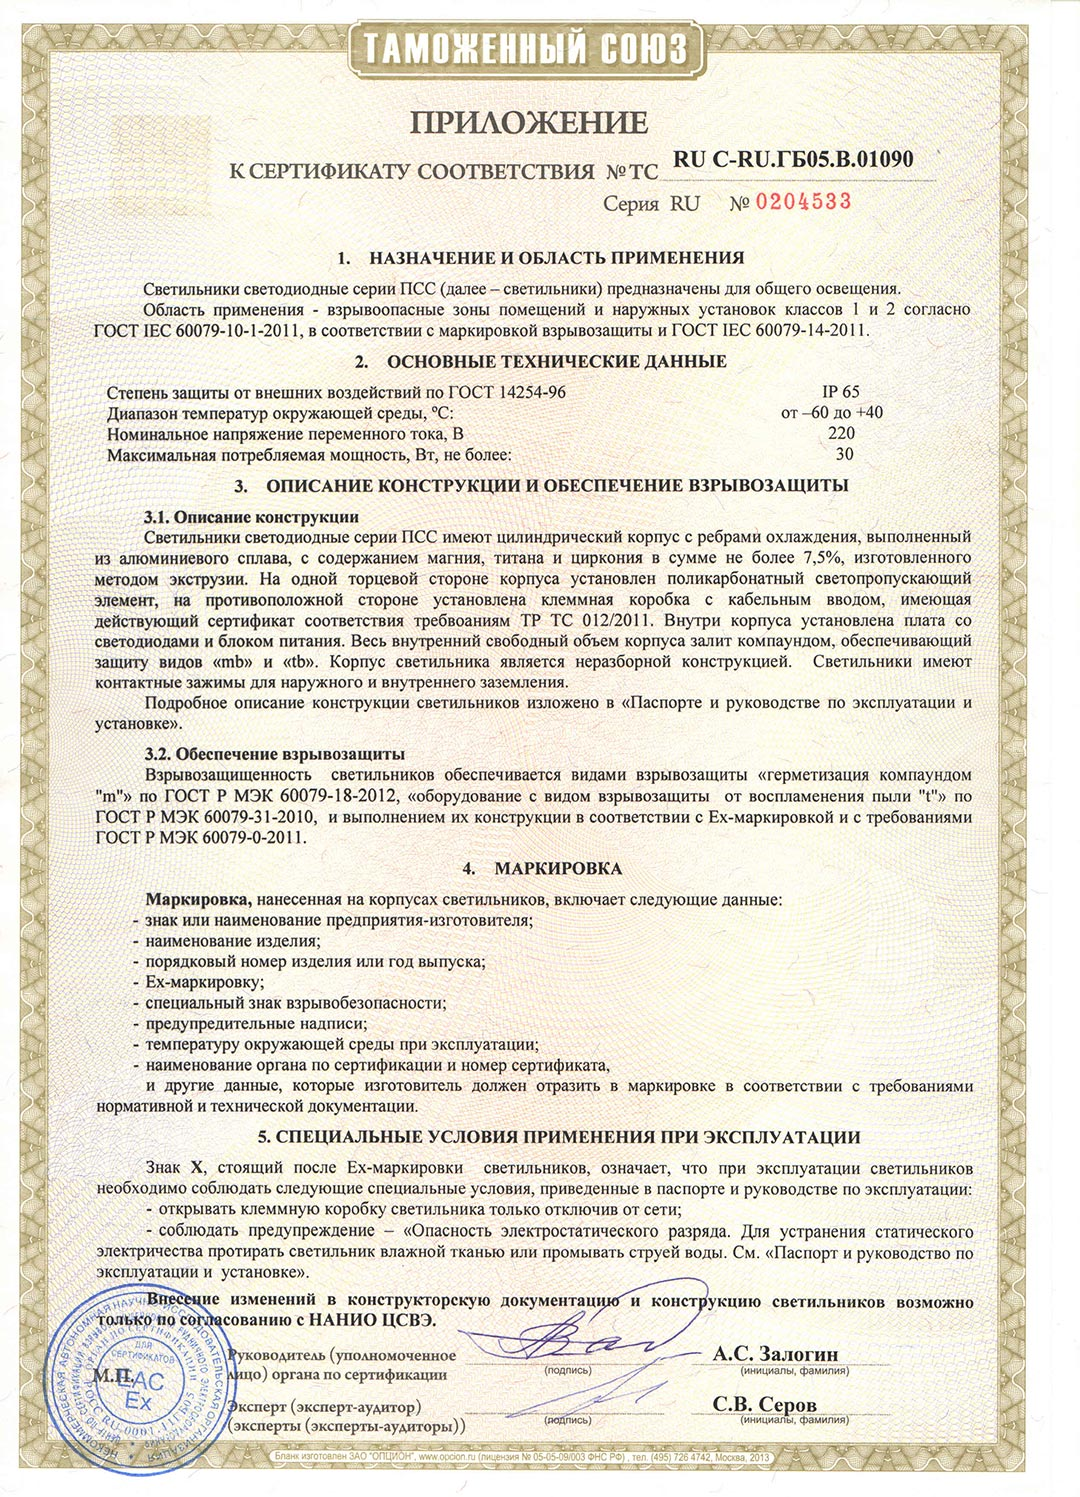 Приложение сертификата соответствия Таможенного союза на светильники ПСС Ex